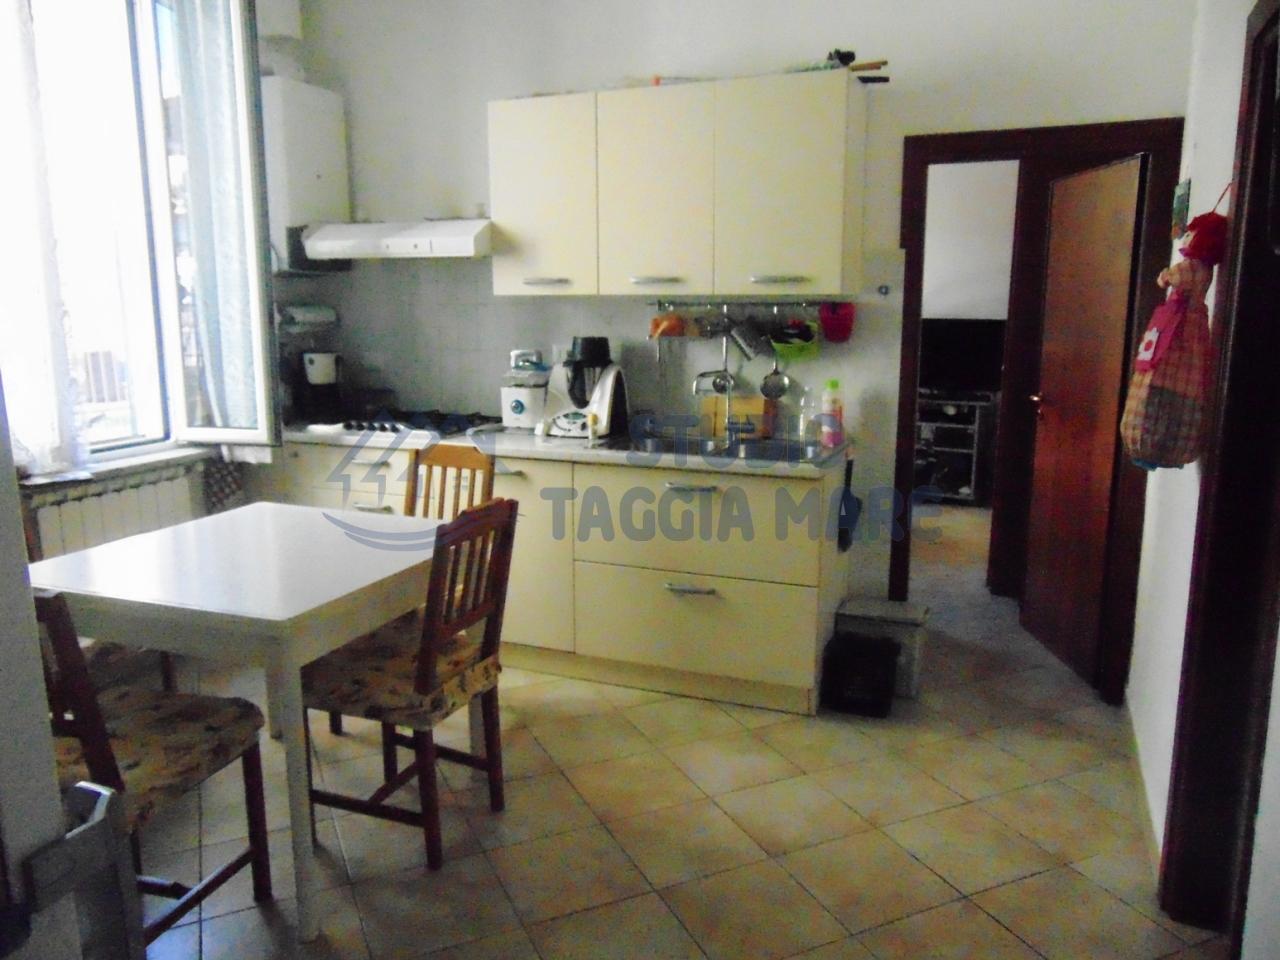 Appartamento in vendita a Taggia, 4 locali, prezzo € 140.000 | CambioCasa.it